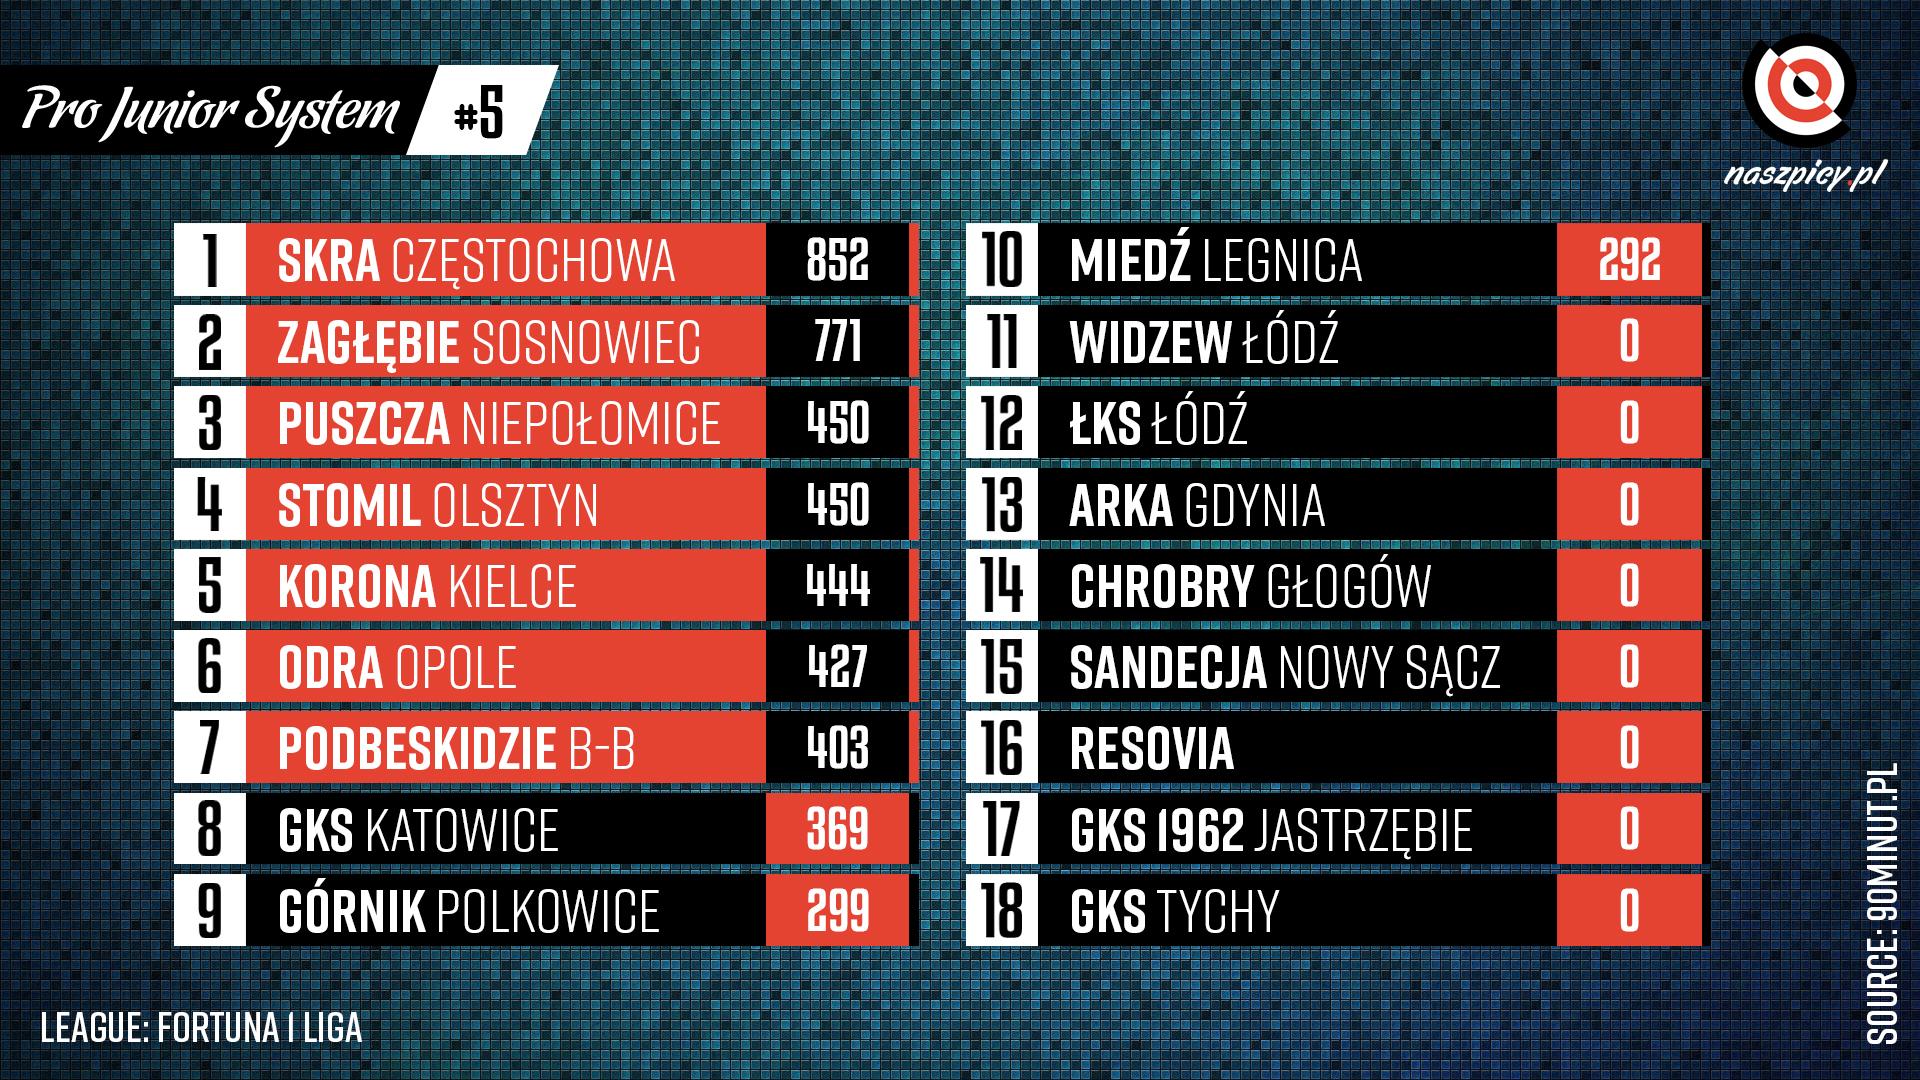 Punktacja Pro Junior System po 5. kolejce Fortuna 1 Ligi<br><br>Źródło: Opracowanie własne na podstawie 90minut.pl<br><br>graf. Bartosz Urban